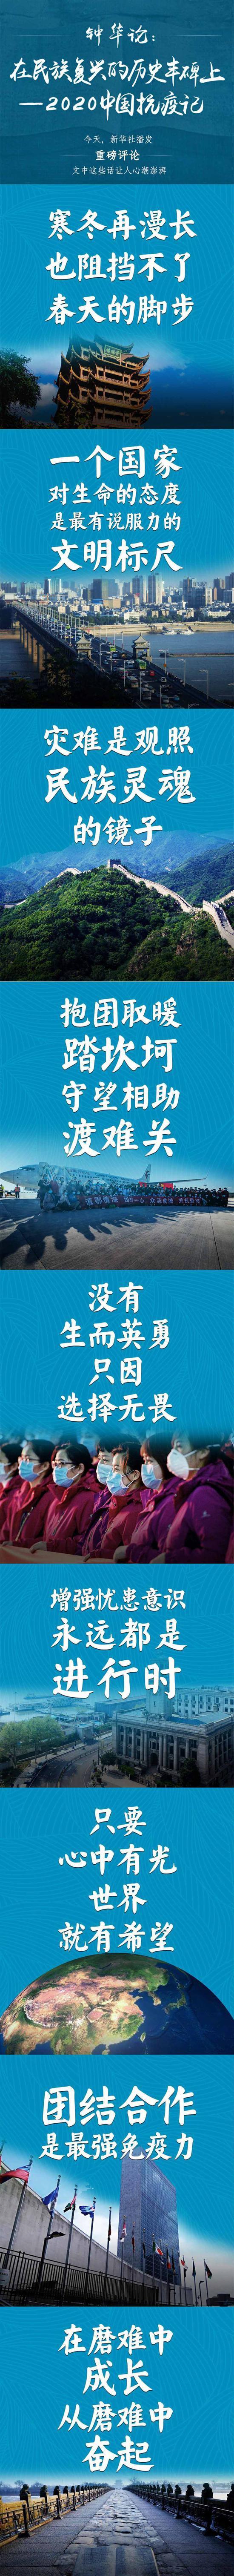 天富:钟华论在民族复兴的历史丰天富图片